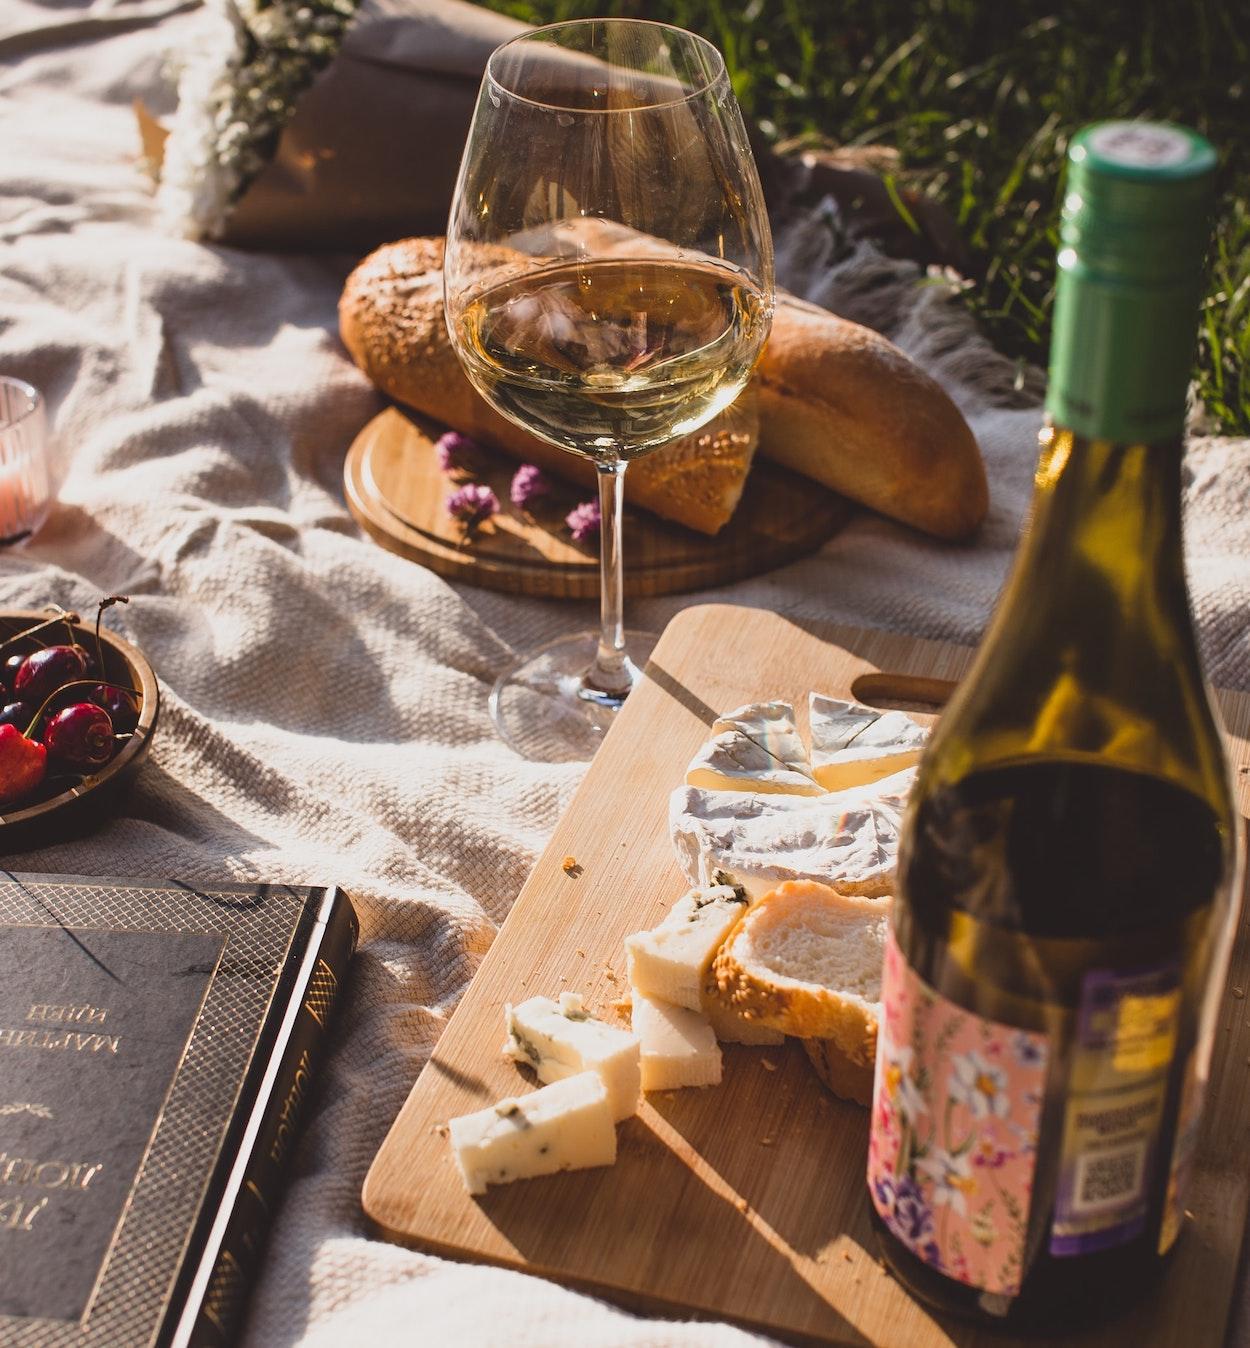 dicas para harmonizar queijos e vinhos